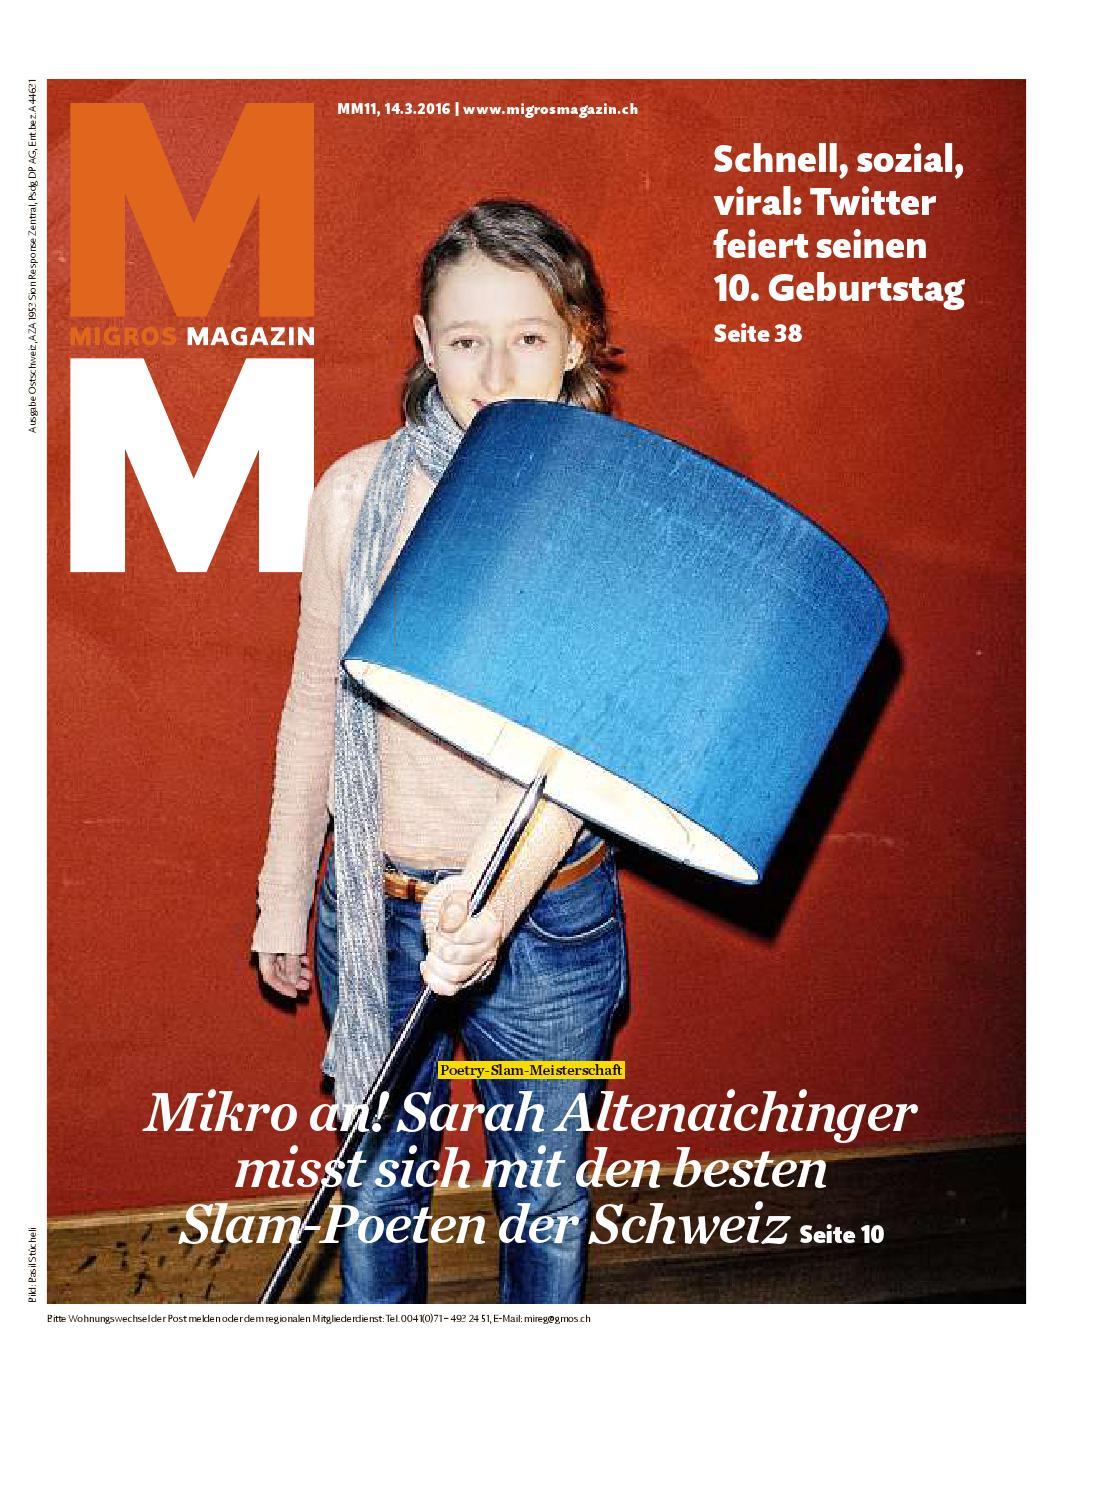 Migros magazin 11 2016 d os by Migros-Genossenschafts-Bund - issuu